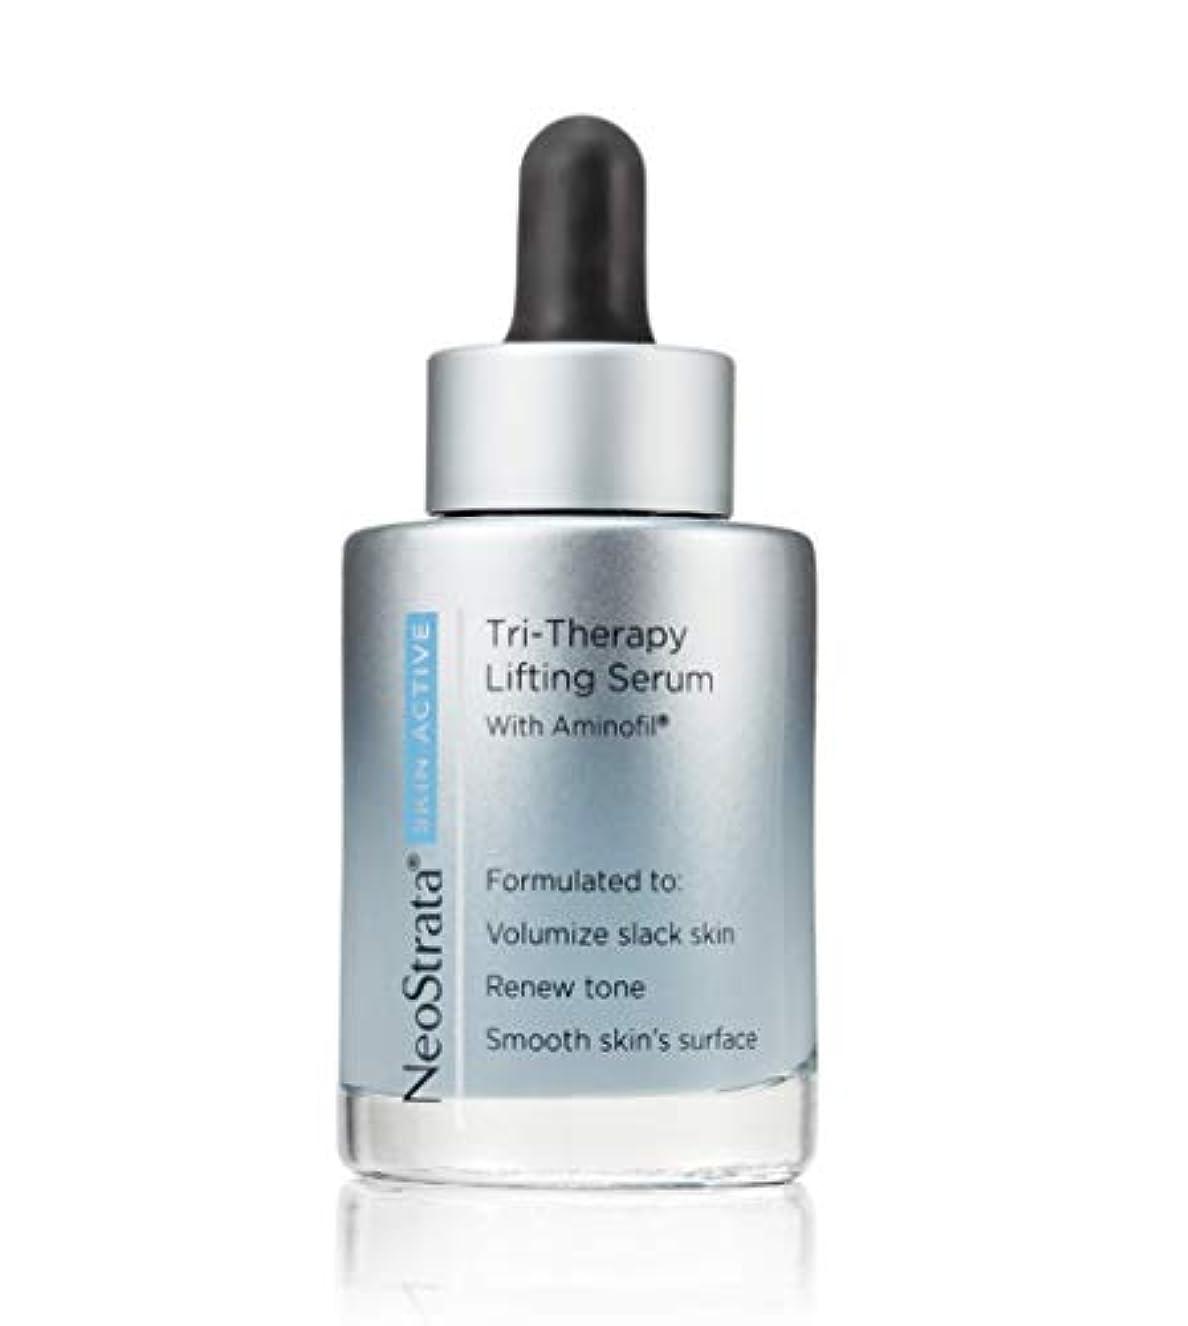 骨髄埋め込むそこネオストラータ Skin Active Tri-Therapy Lifting Serum With Aminofil 30ml/1oz並行輸入品